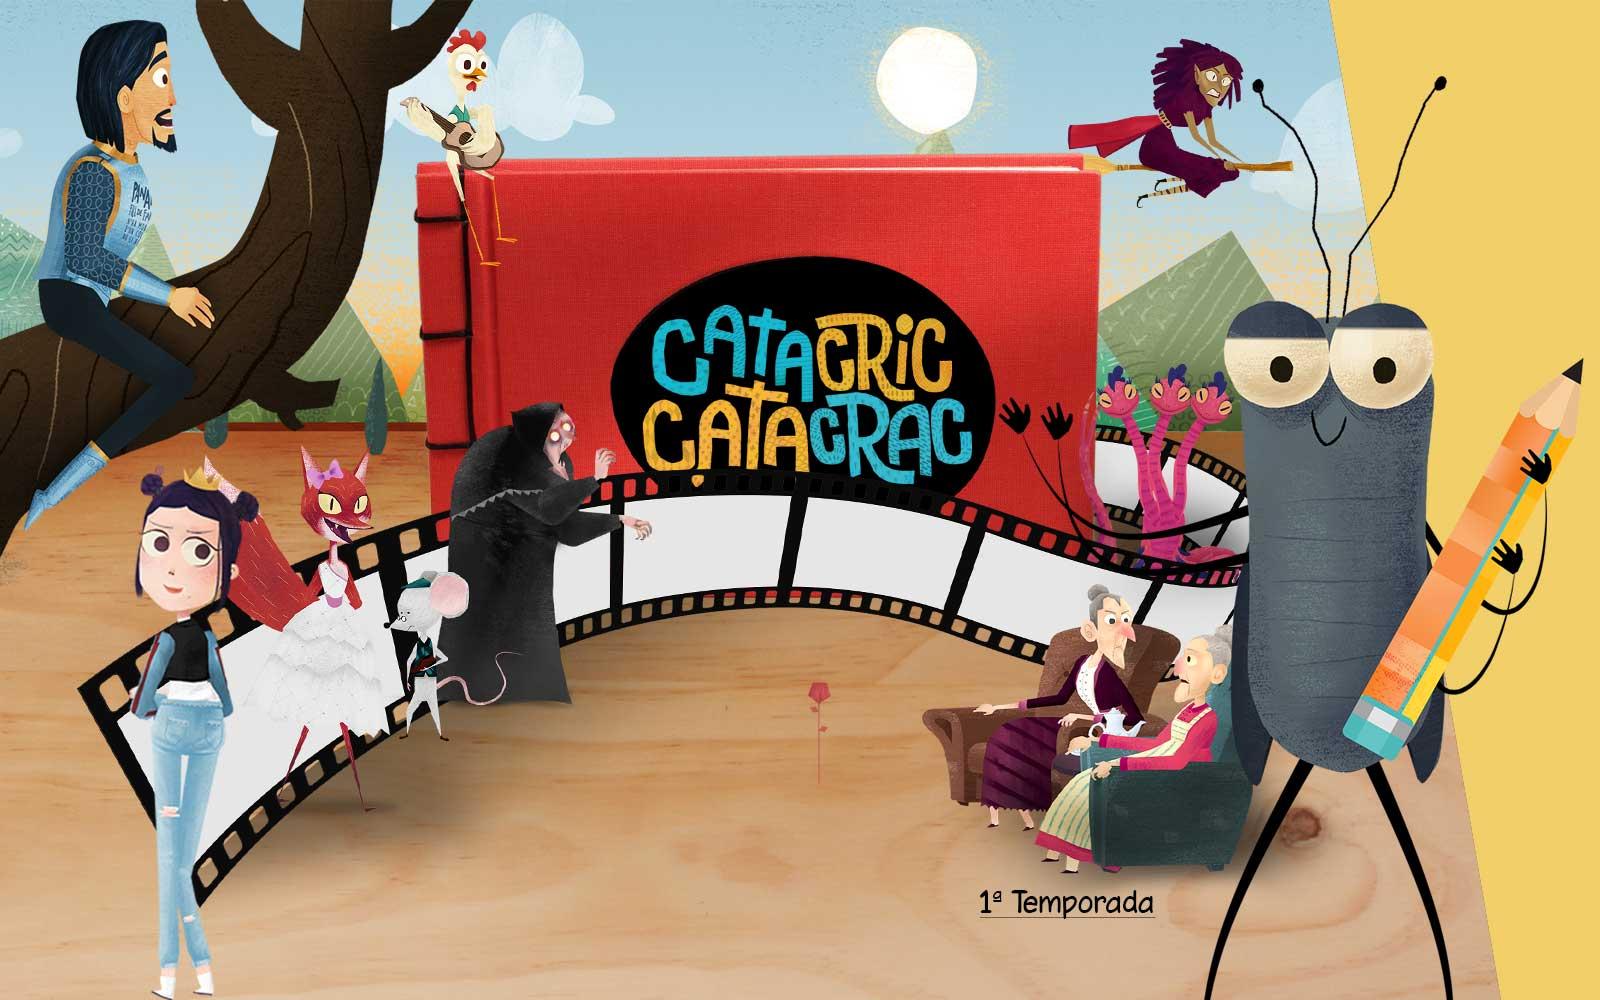 Catacric Catacrac